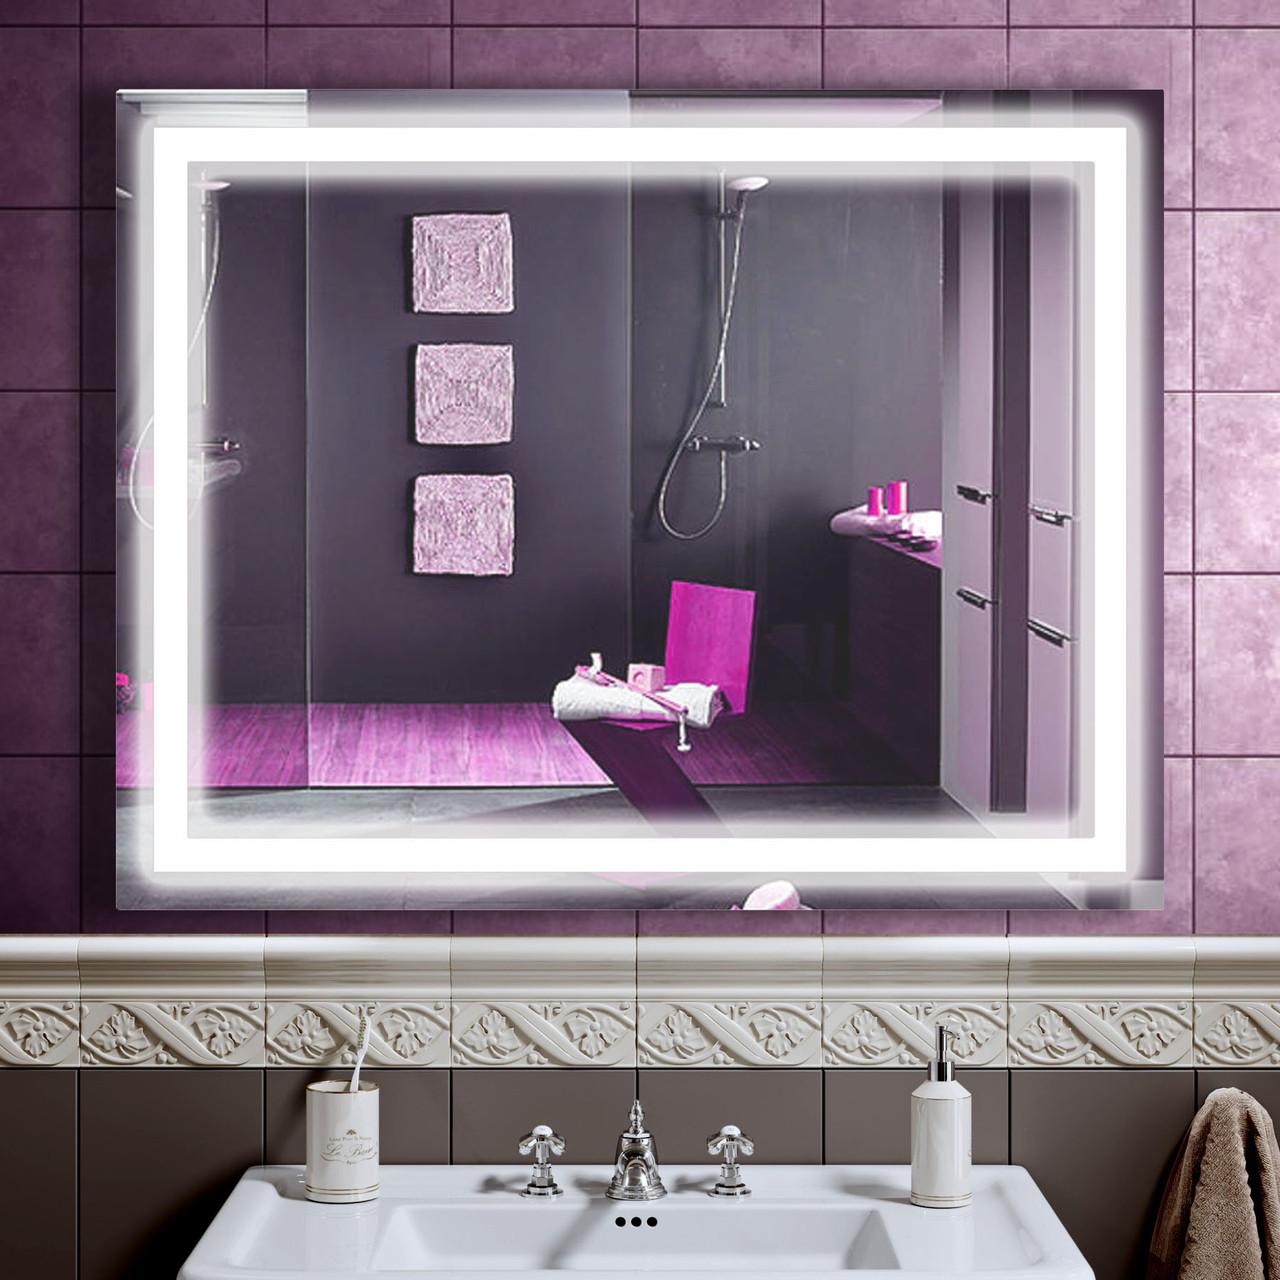 Зеркало LED со светодиодной подсветкой DV 754 1025х800 мм.